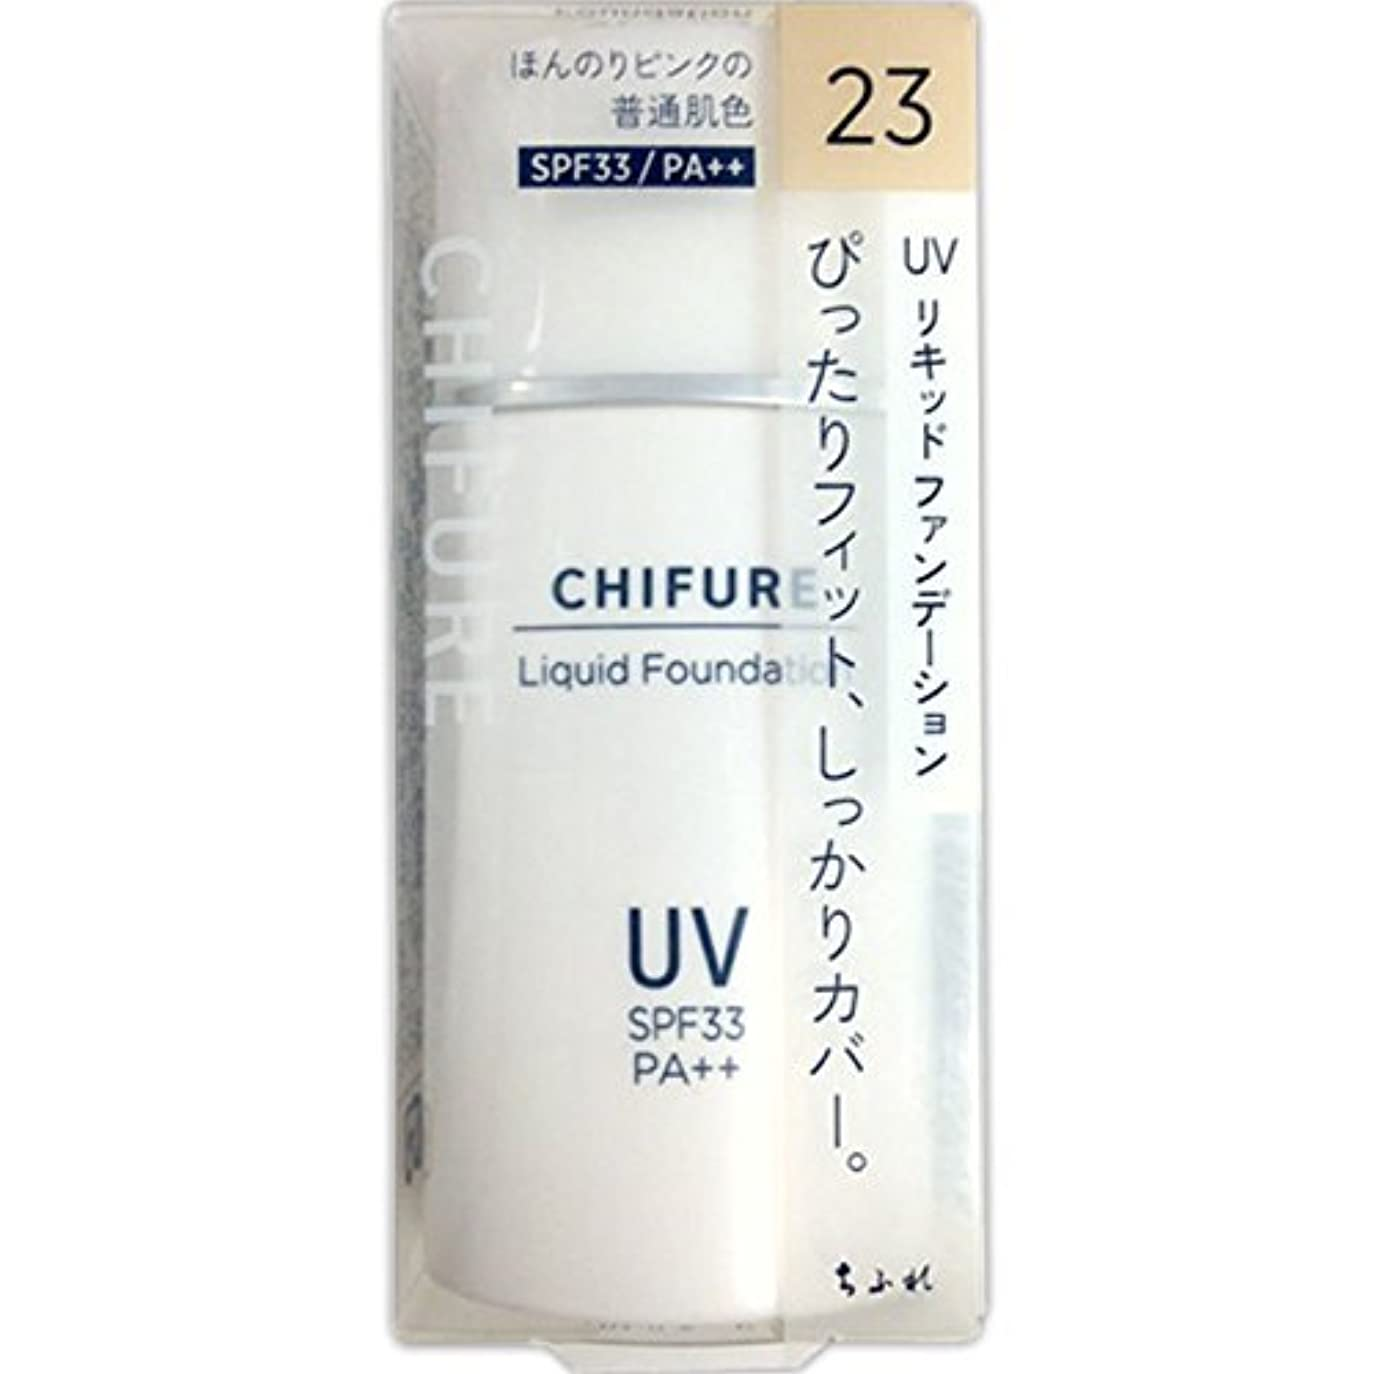 生講堂パーティーちふれ化粧品 UV リキッド ファンデーション 23 ほんのりピンク普通肌色 30ML